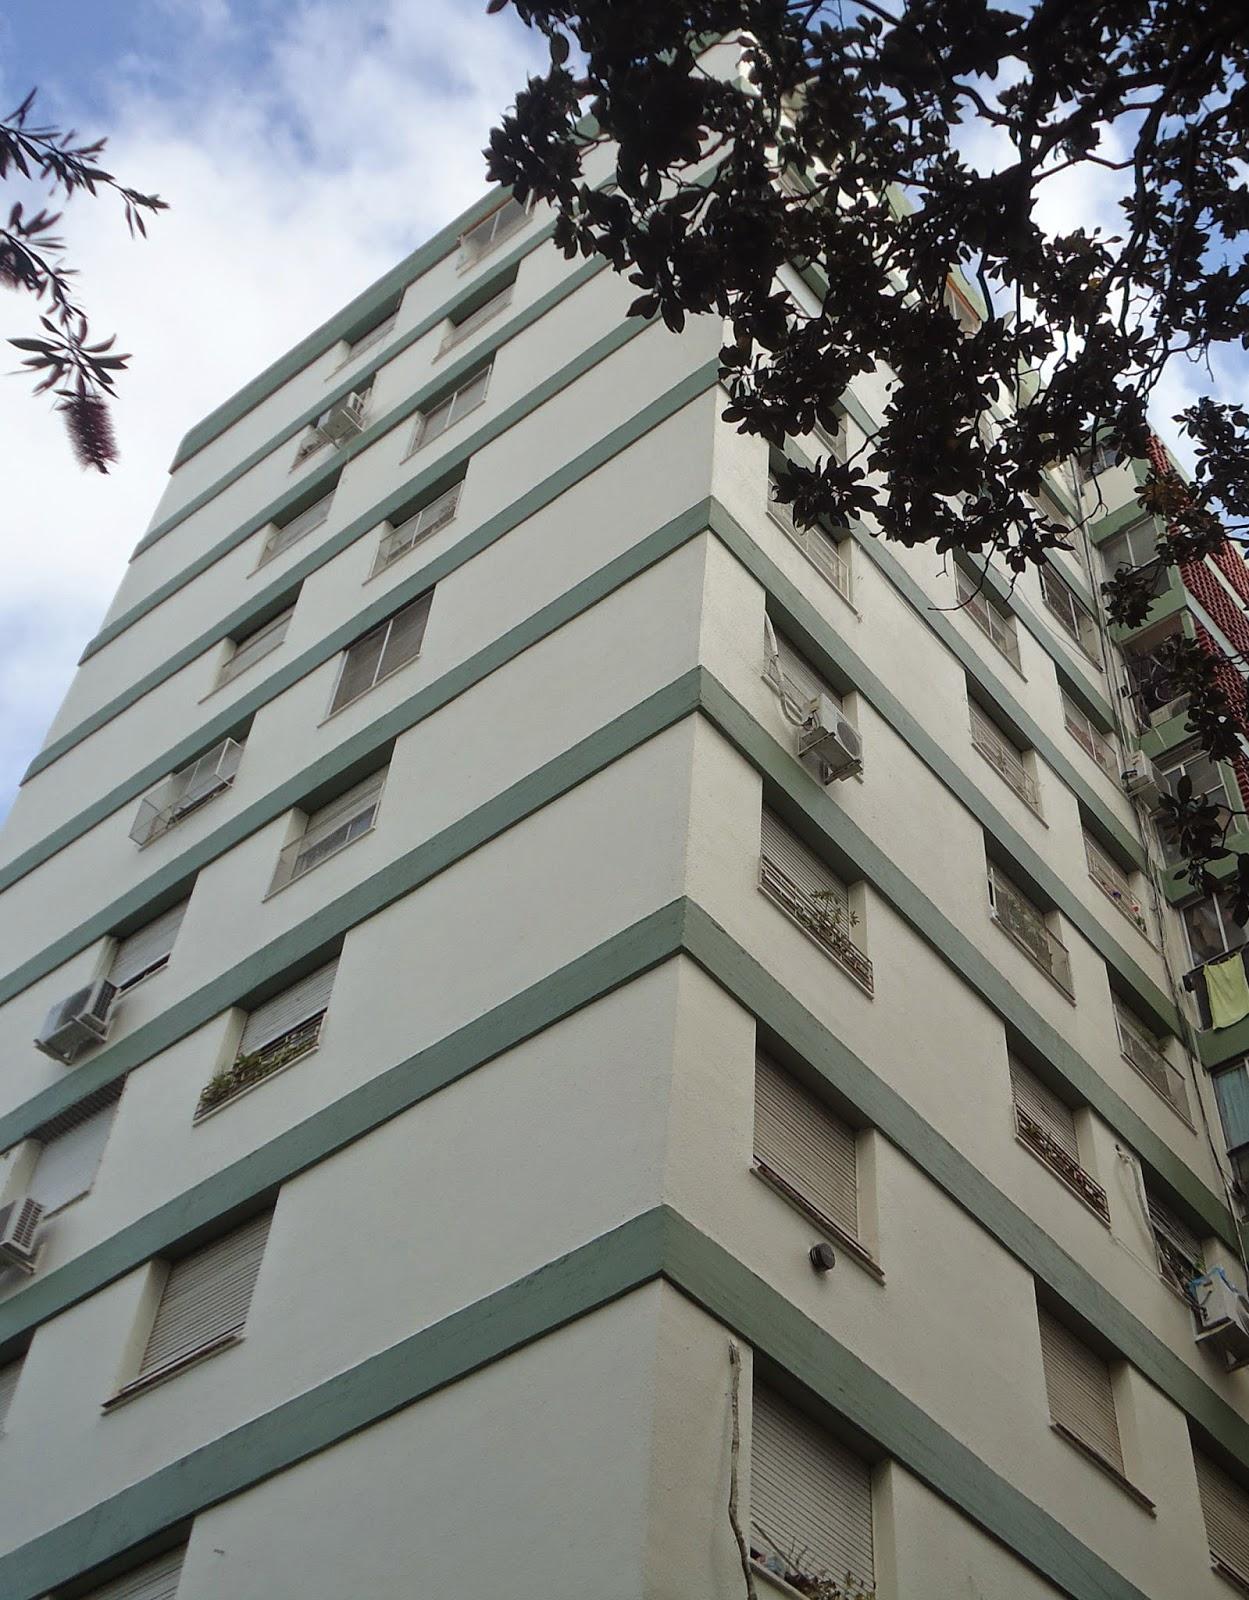 Remodelacion de frentes de casas y edificios con impermeabilizacion.